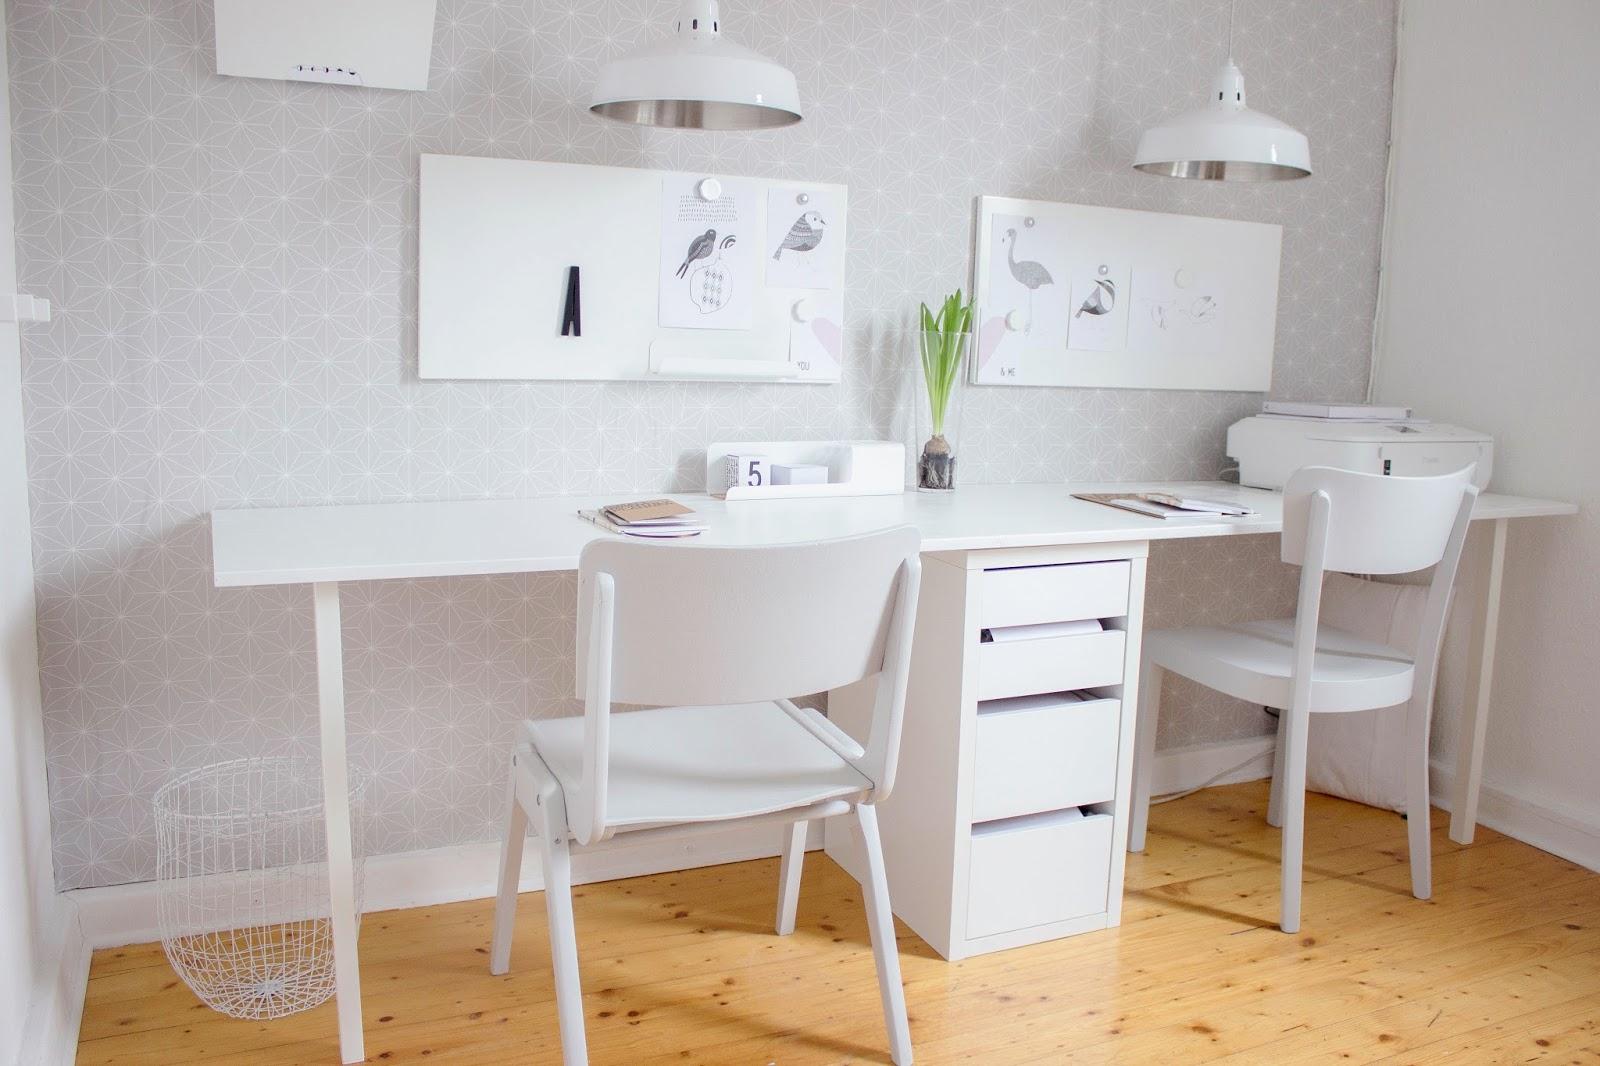 homeoffice neue schreibwaren f r mehr spa beim arbeiten startseite design bilder. Black Bedroom Furniture Sets. Home Design Ideas